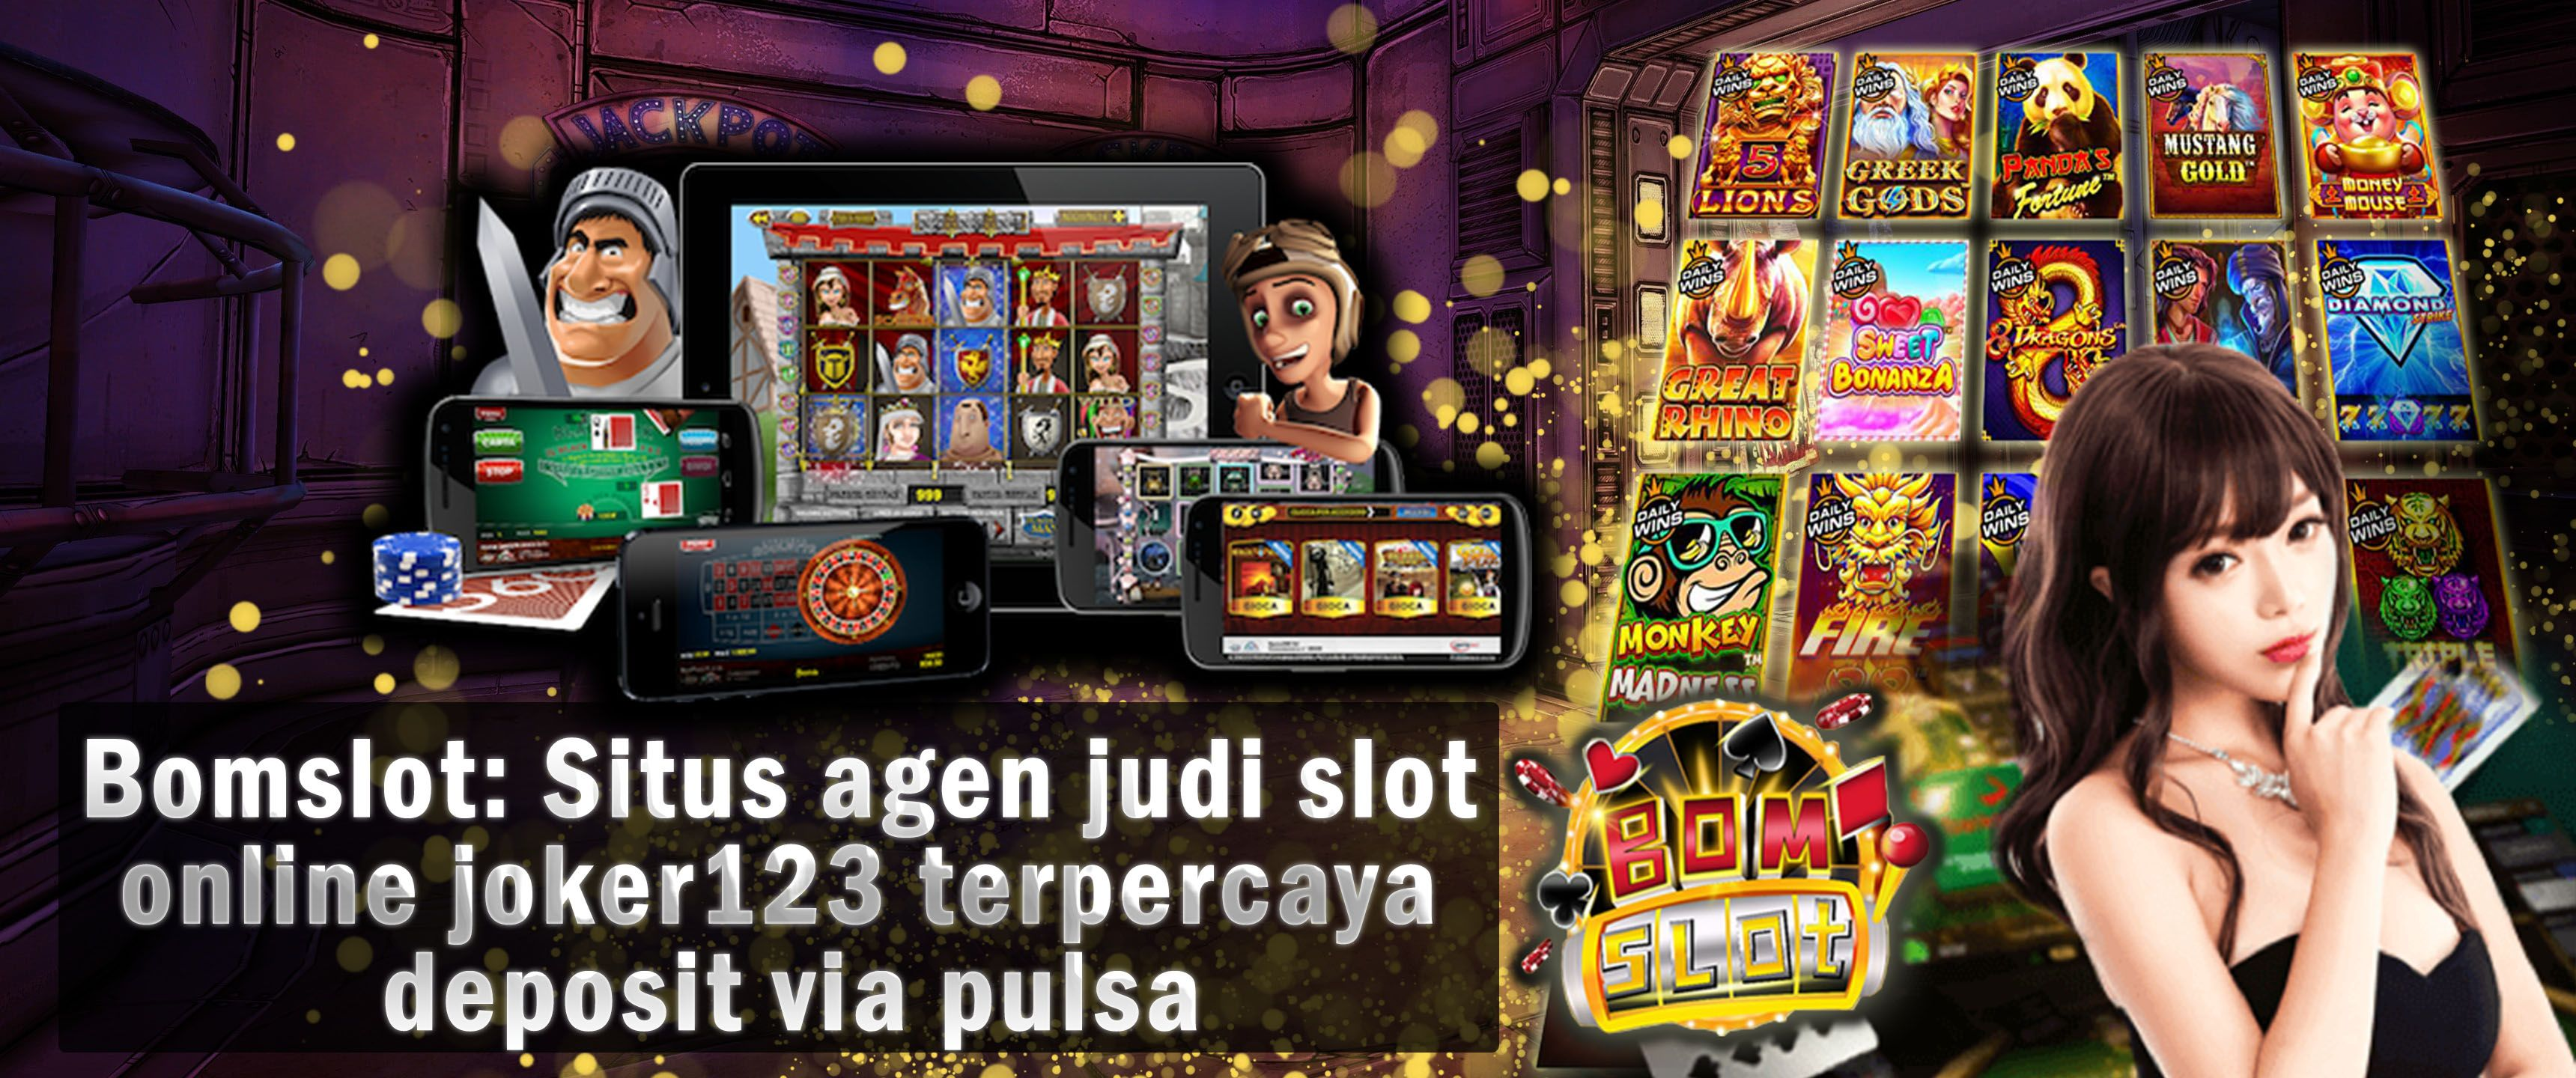 Bomslot adalah situs agen judi slot online joker123 terpercaya dan  terlengkap di Indonesia menerima deposit via pulsa, OVO, GOPAY dan bonus …